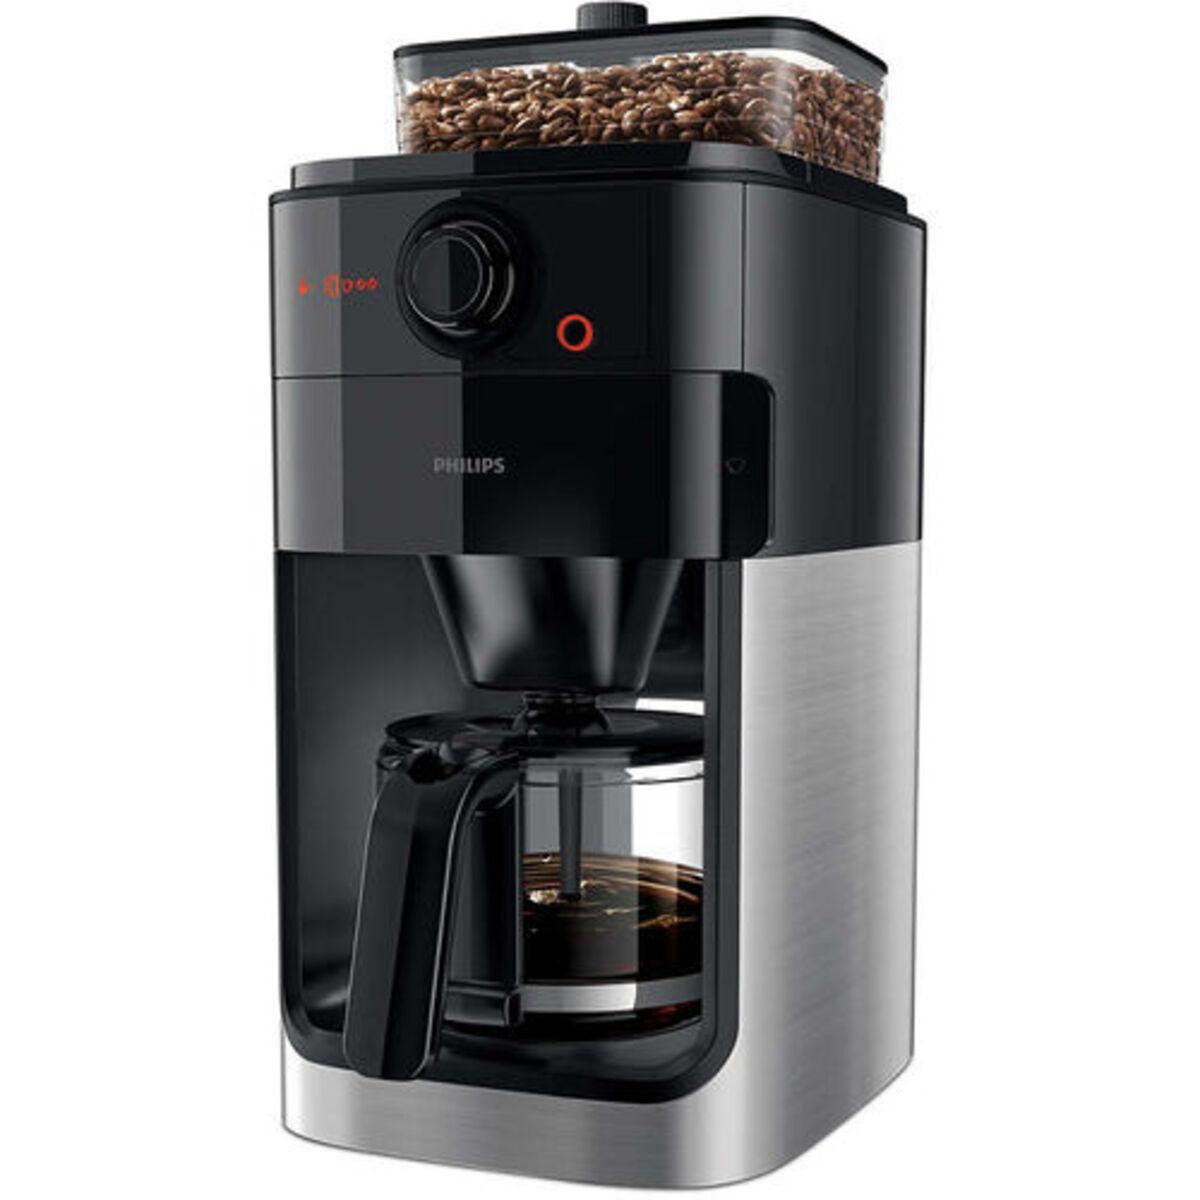 Bild 5 von Philips Kaffeeautomat HD7767/00 mit Mahlwerk, schwarz/silber, schwarz/Metall